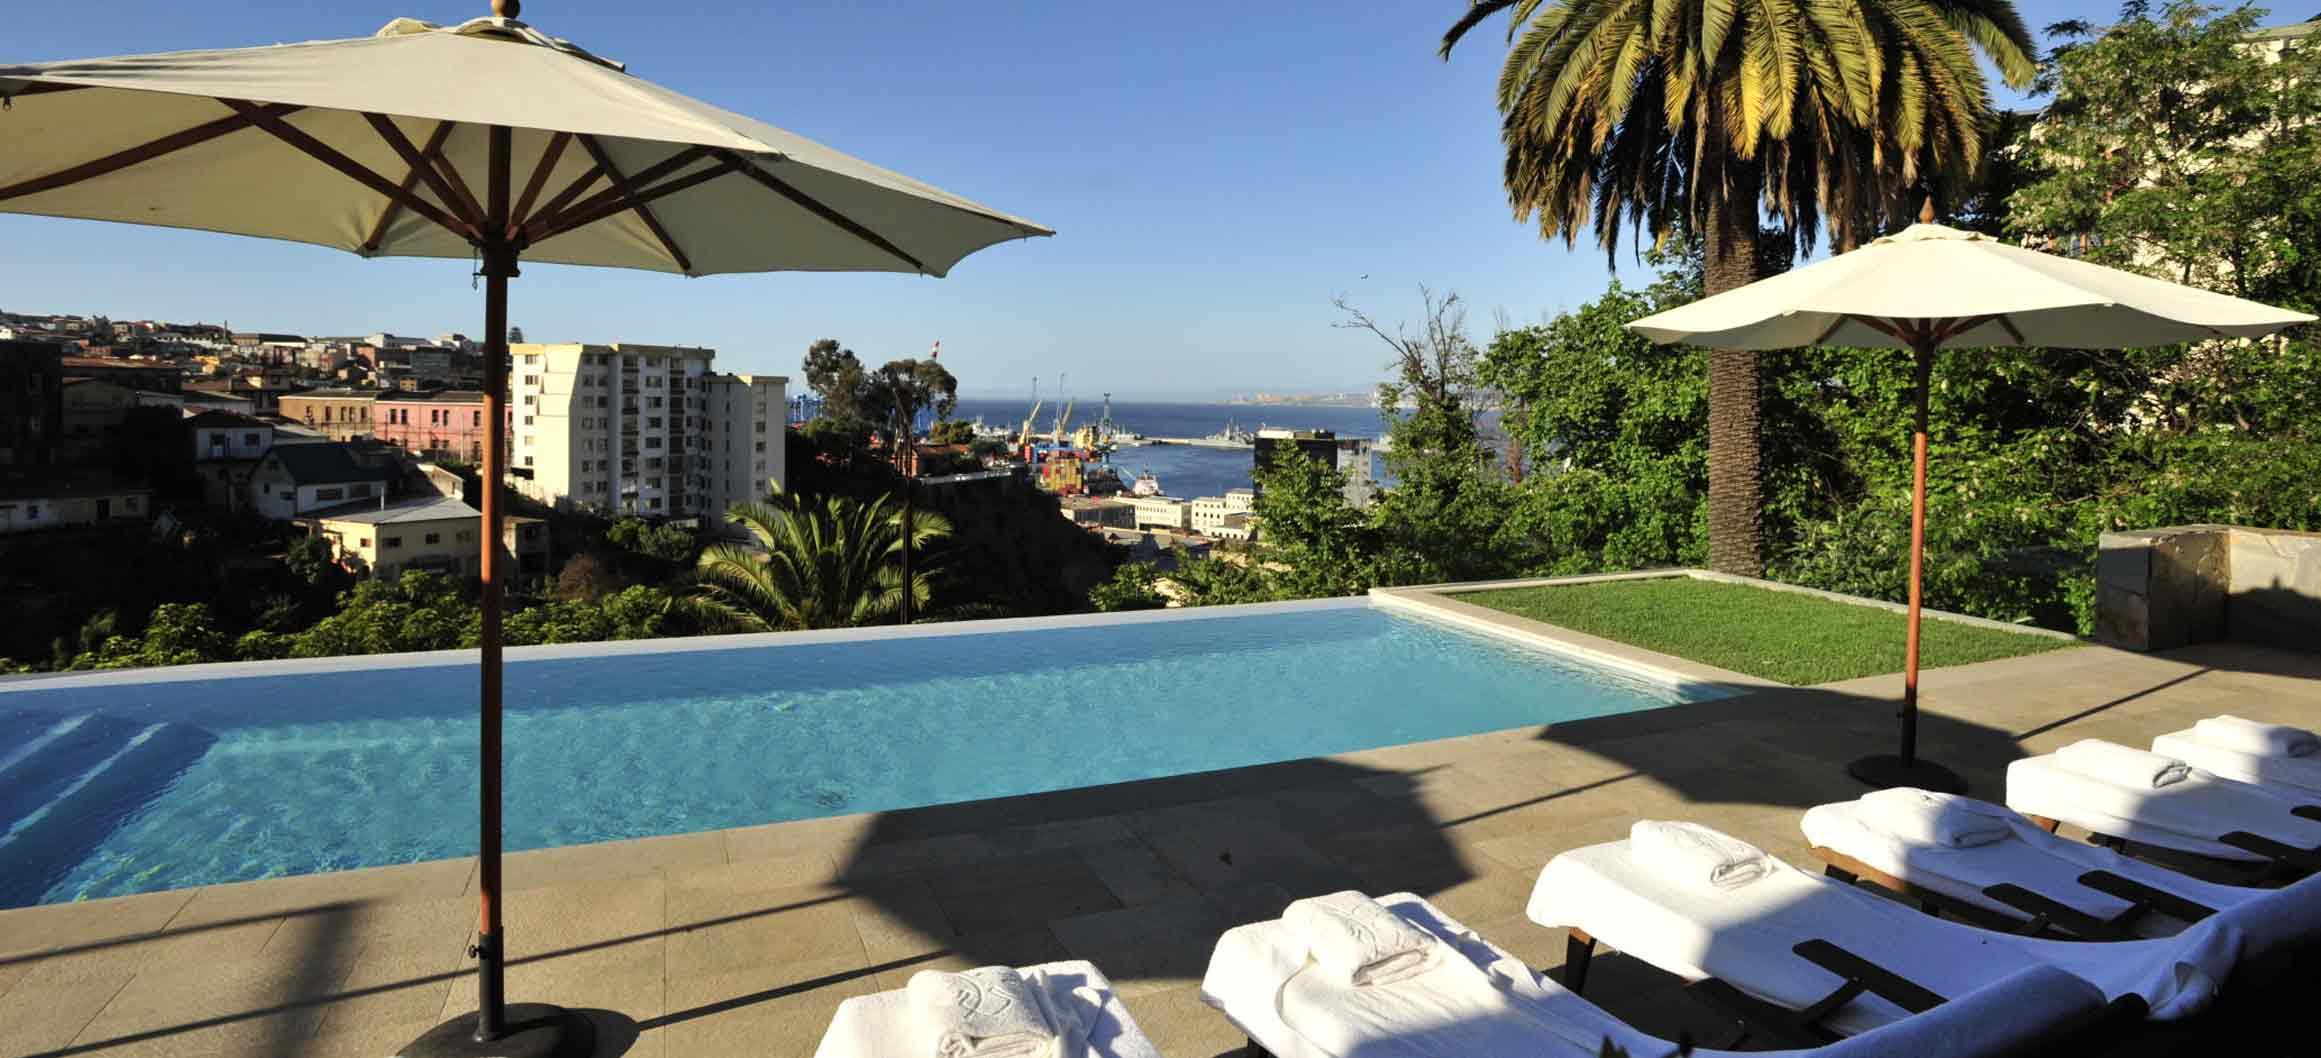 Casa Higueras Hotel – Valparaiso